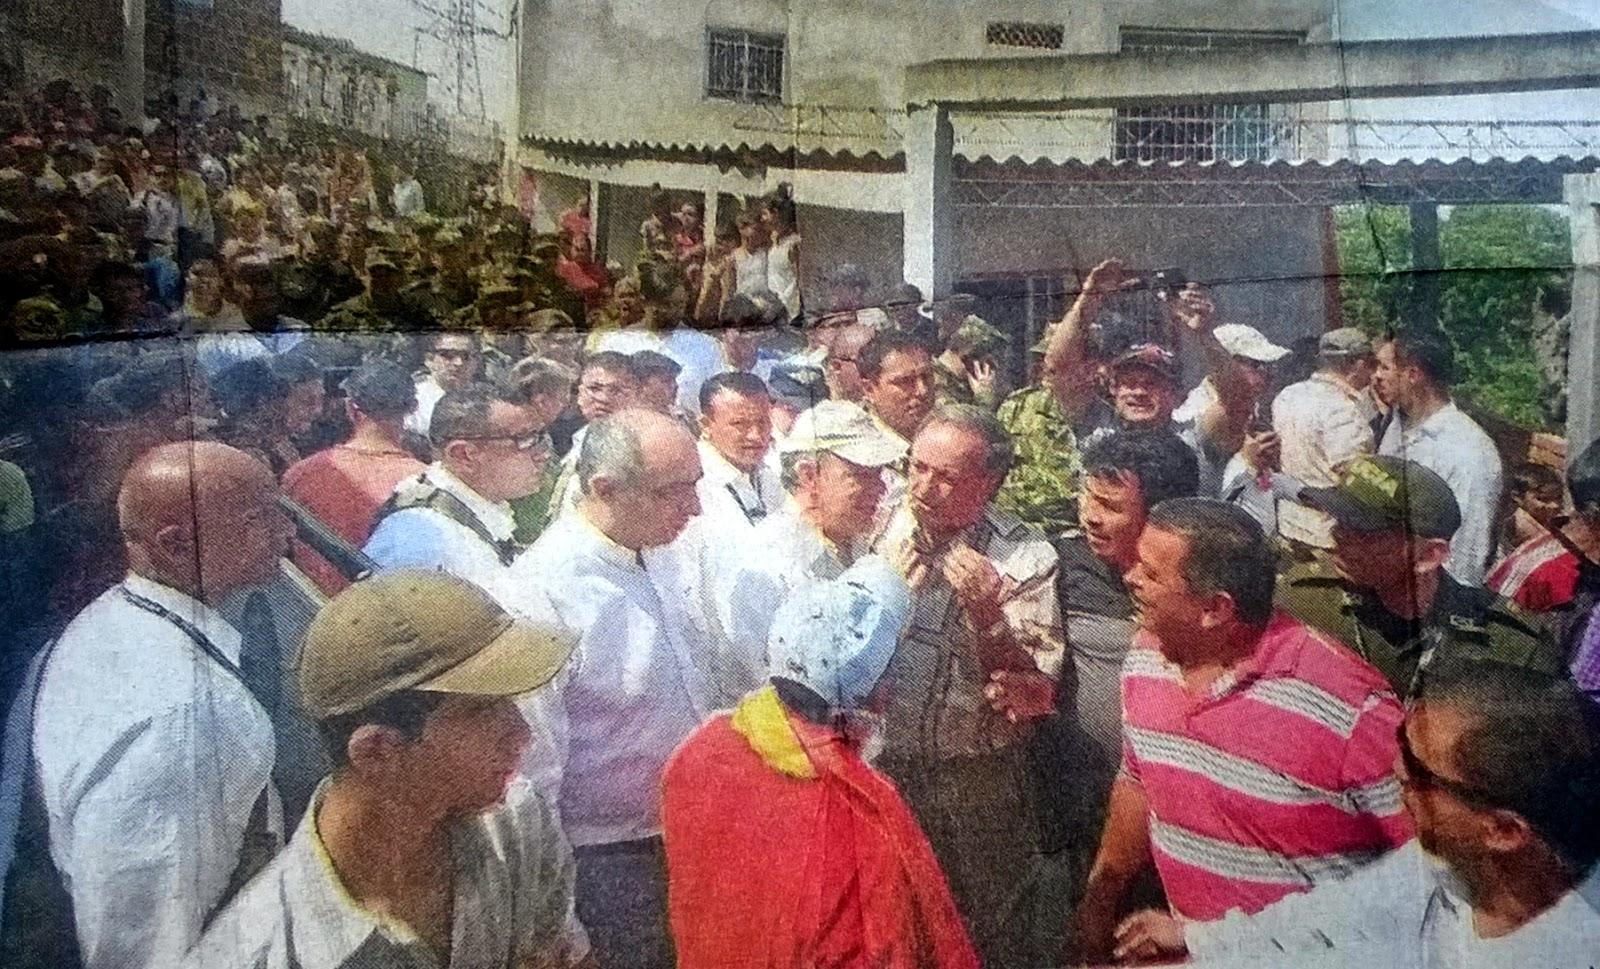 El presidente Santos acompañado del alcalde Donamaris en su visita a Cúcuta el 11Abr2014